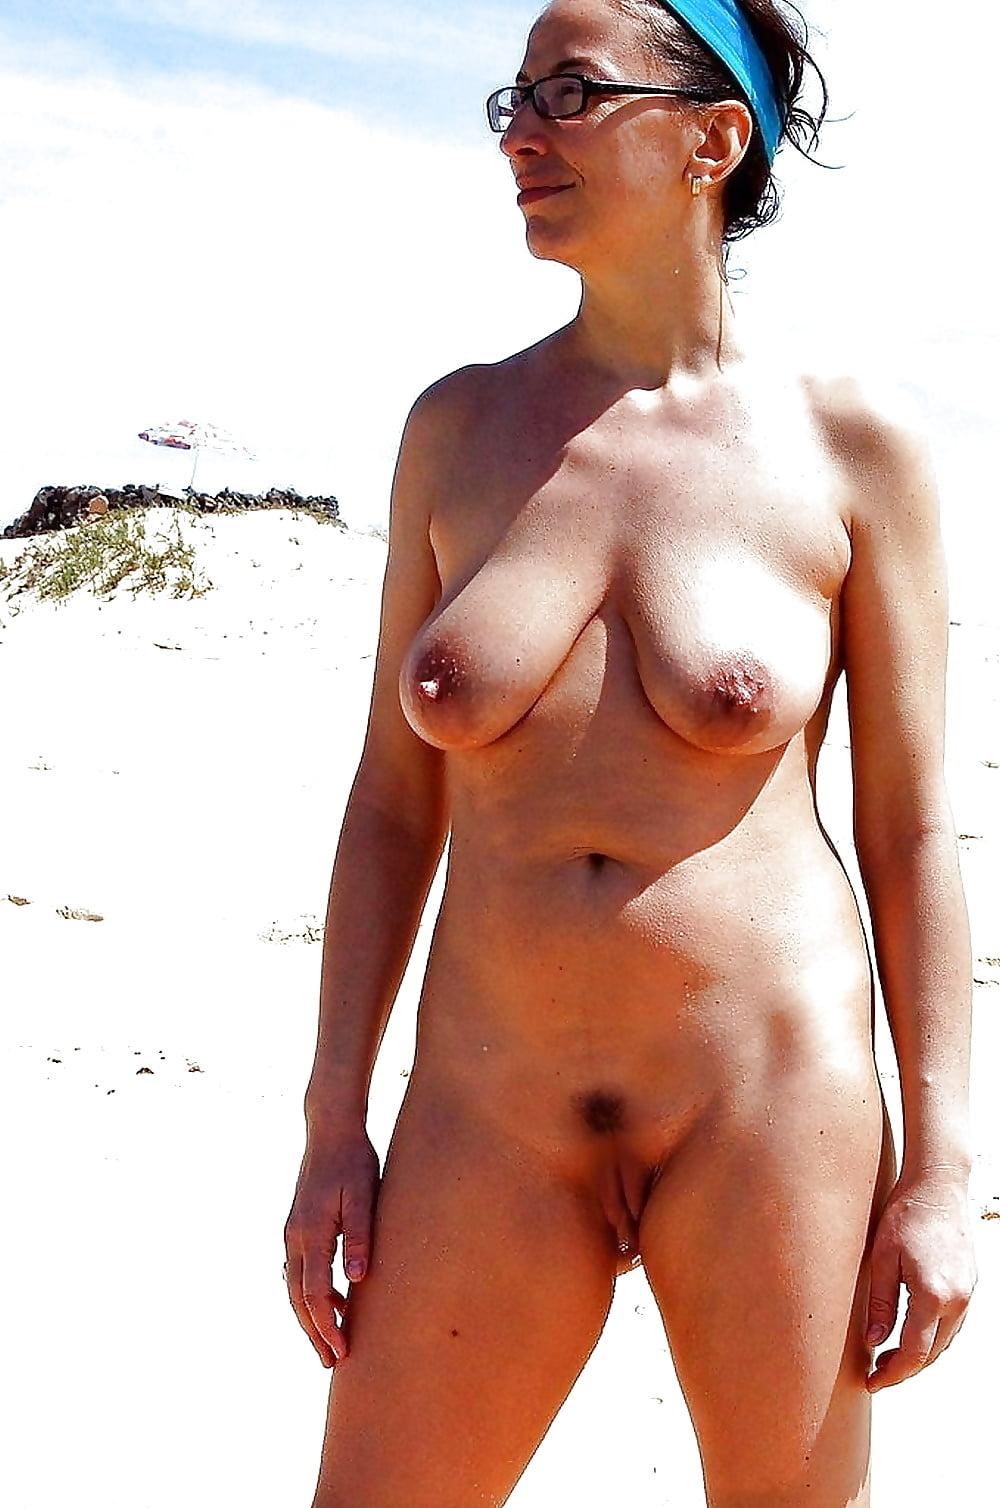 Полные фото волосатых на пляже за сорок старик ебет шлюху